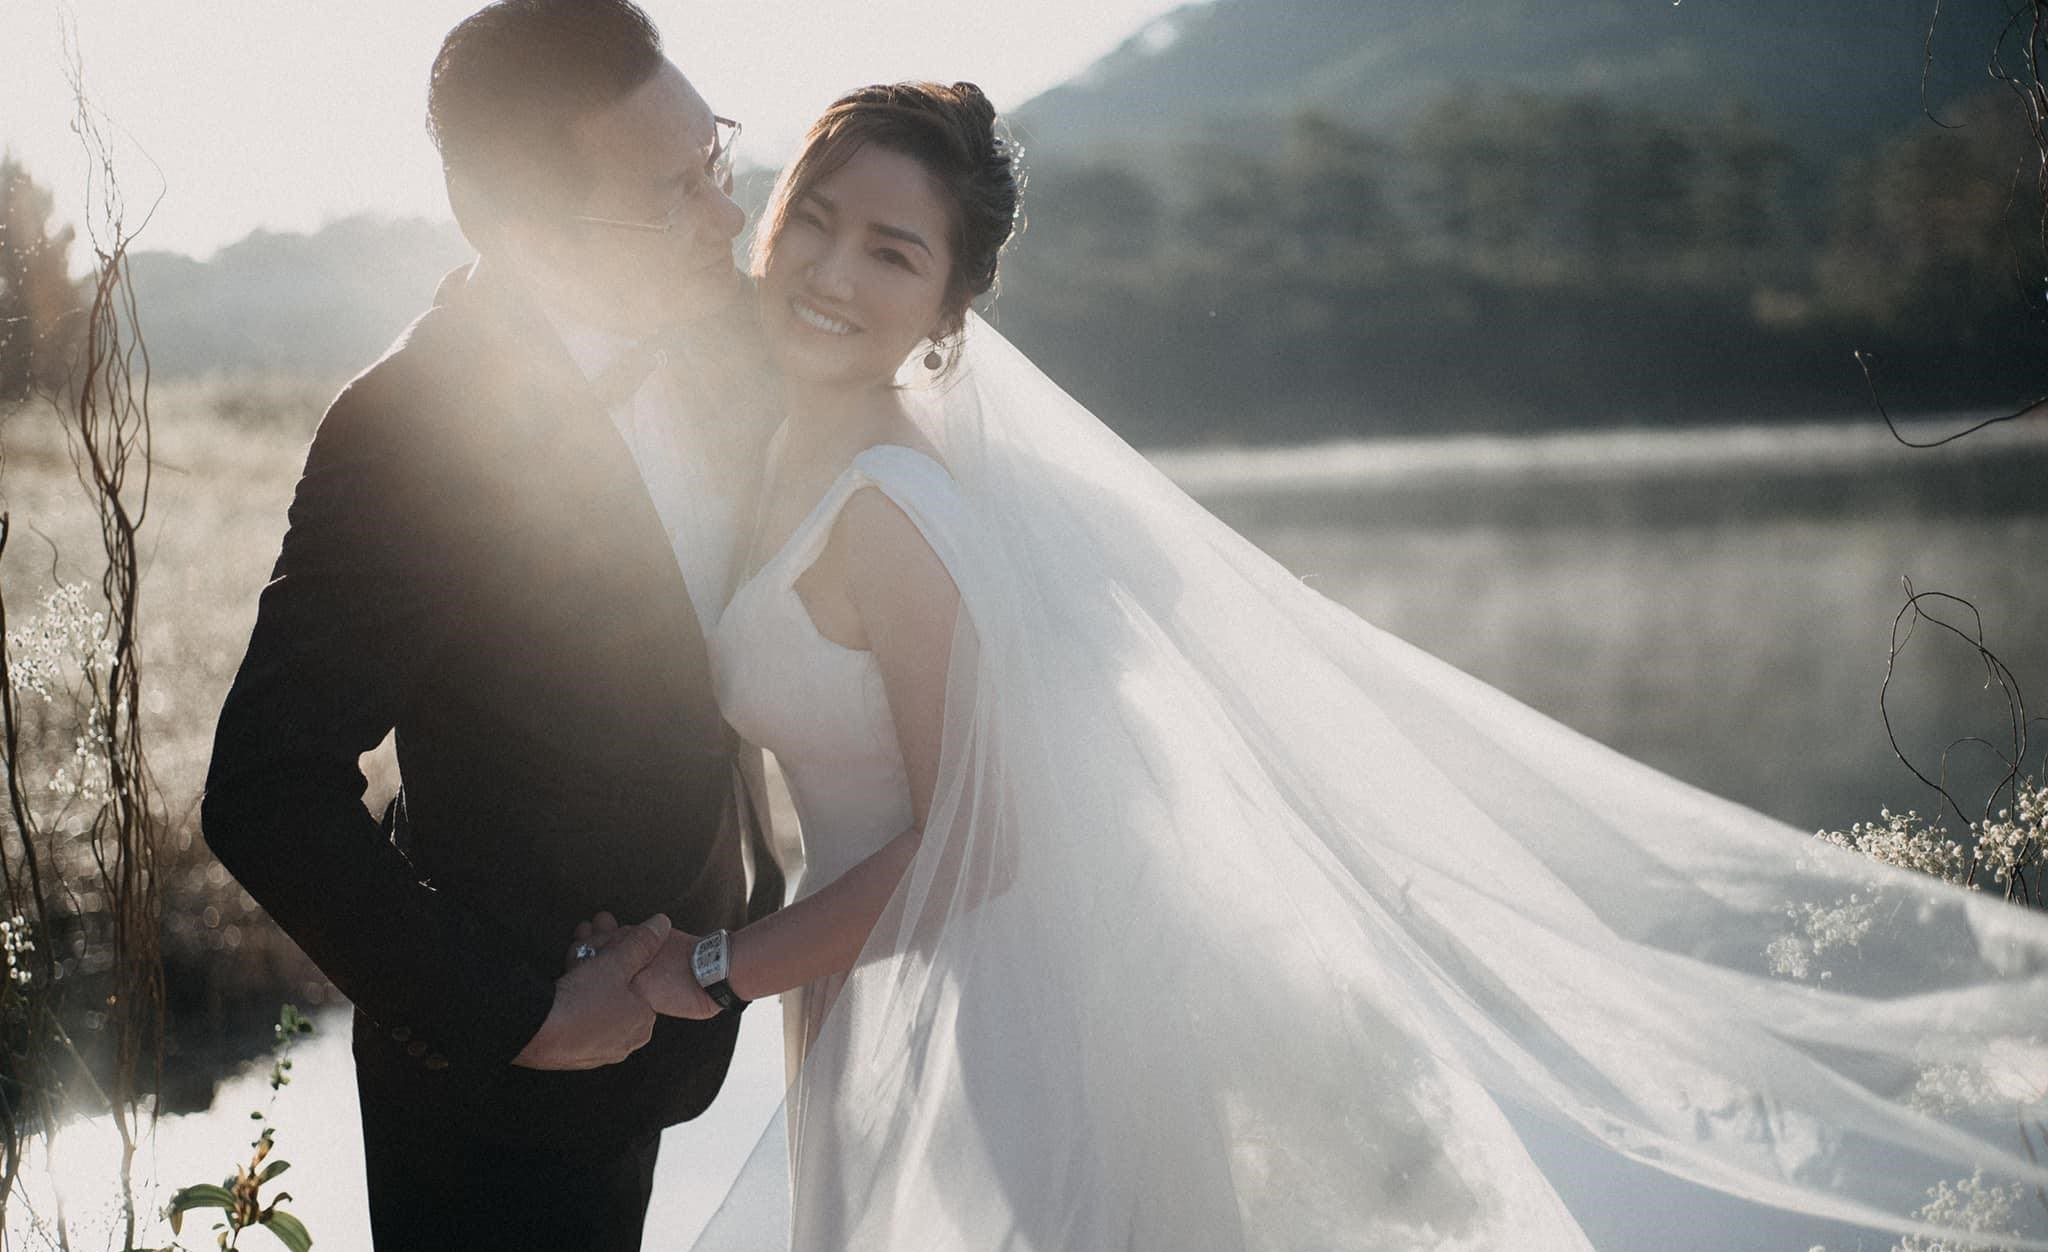 vợ chồng,tình yêu,ảnh cưới,bộ ảnh đẹp